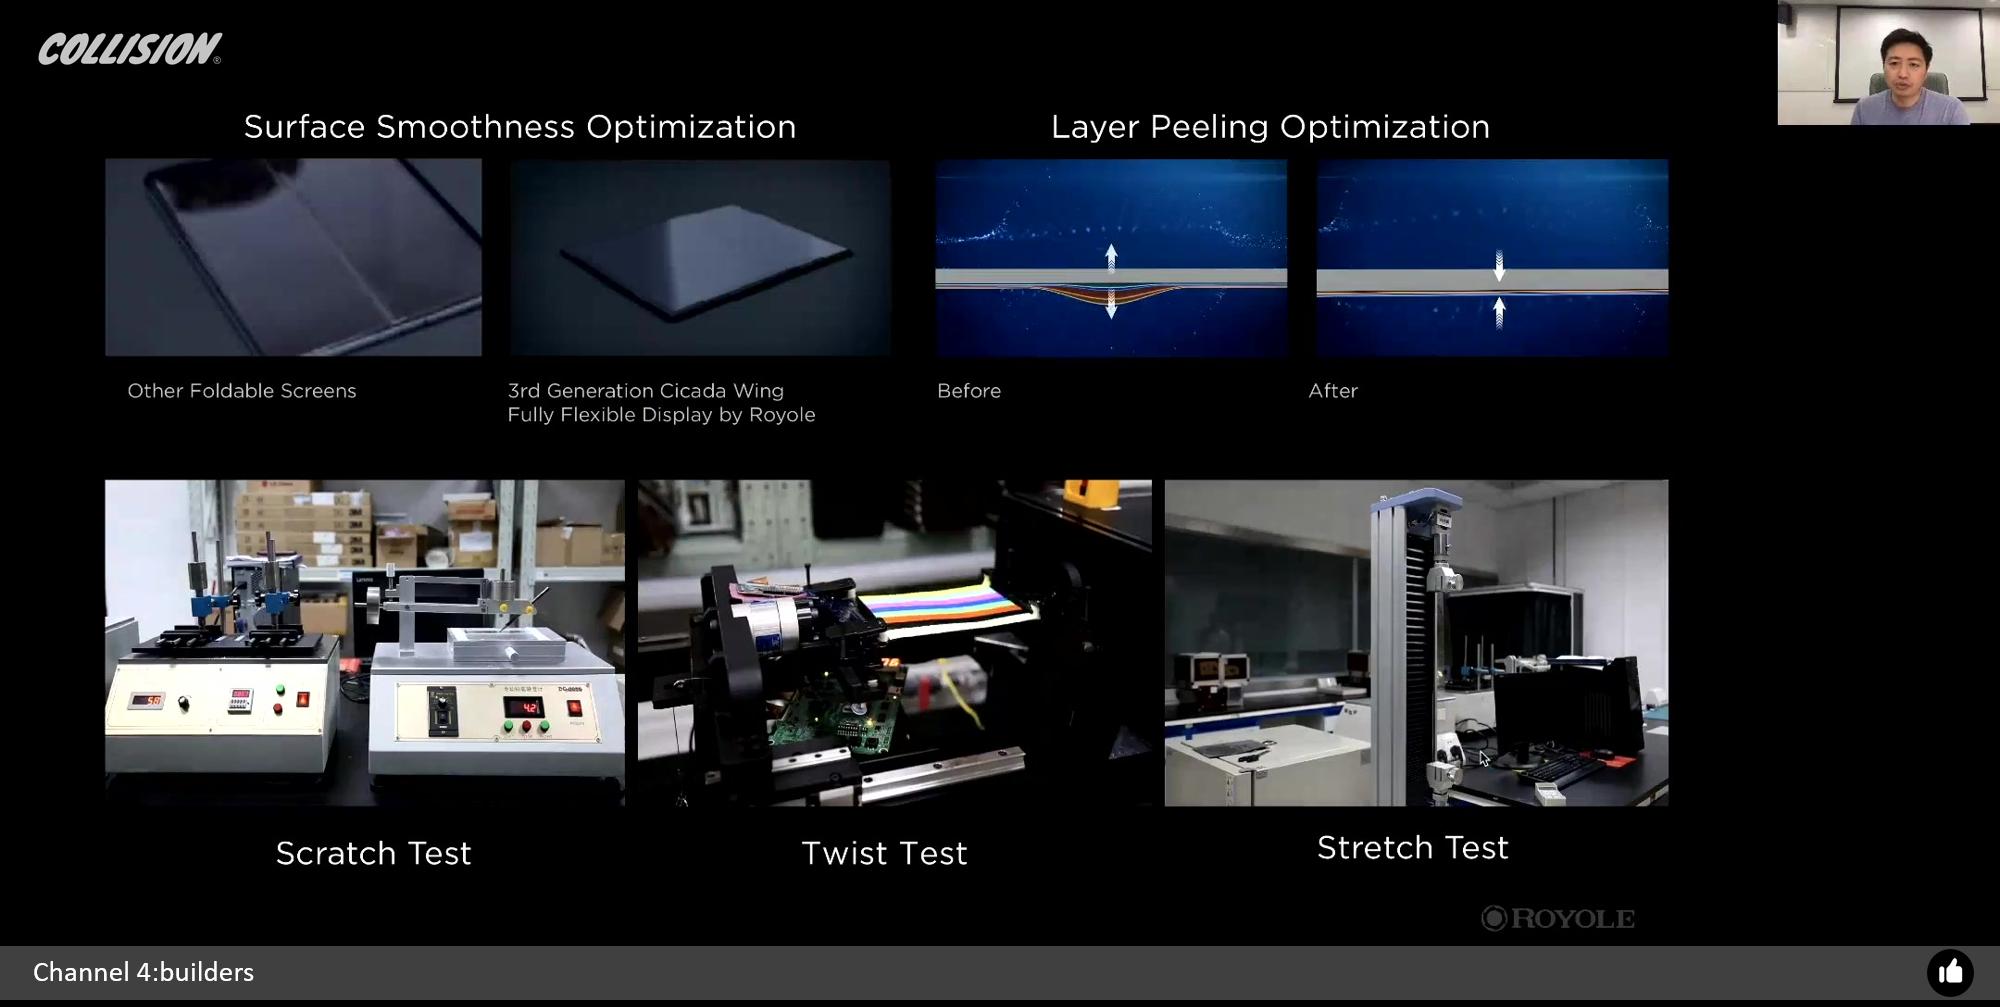 图7:基于柔宇全柔性技术优化模型,柔宇科技自主研发生产的全柔性显示屏需要反复经历多项专业权威测试